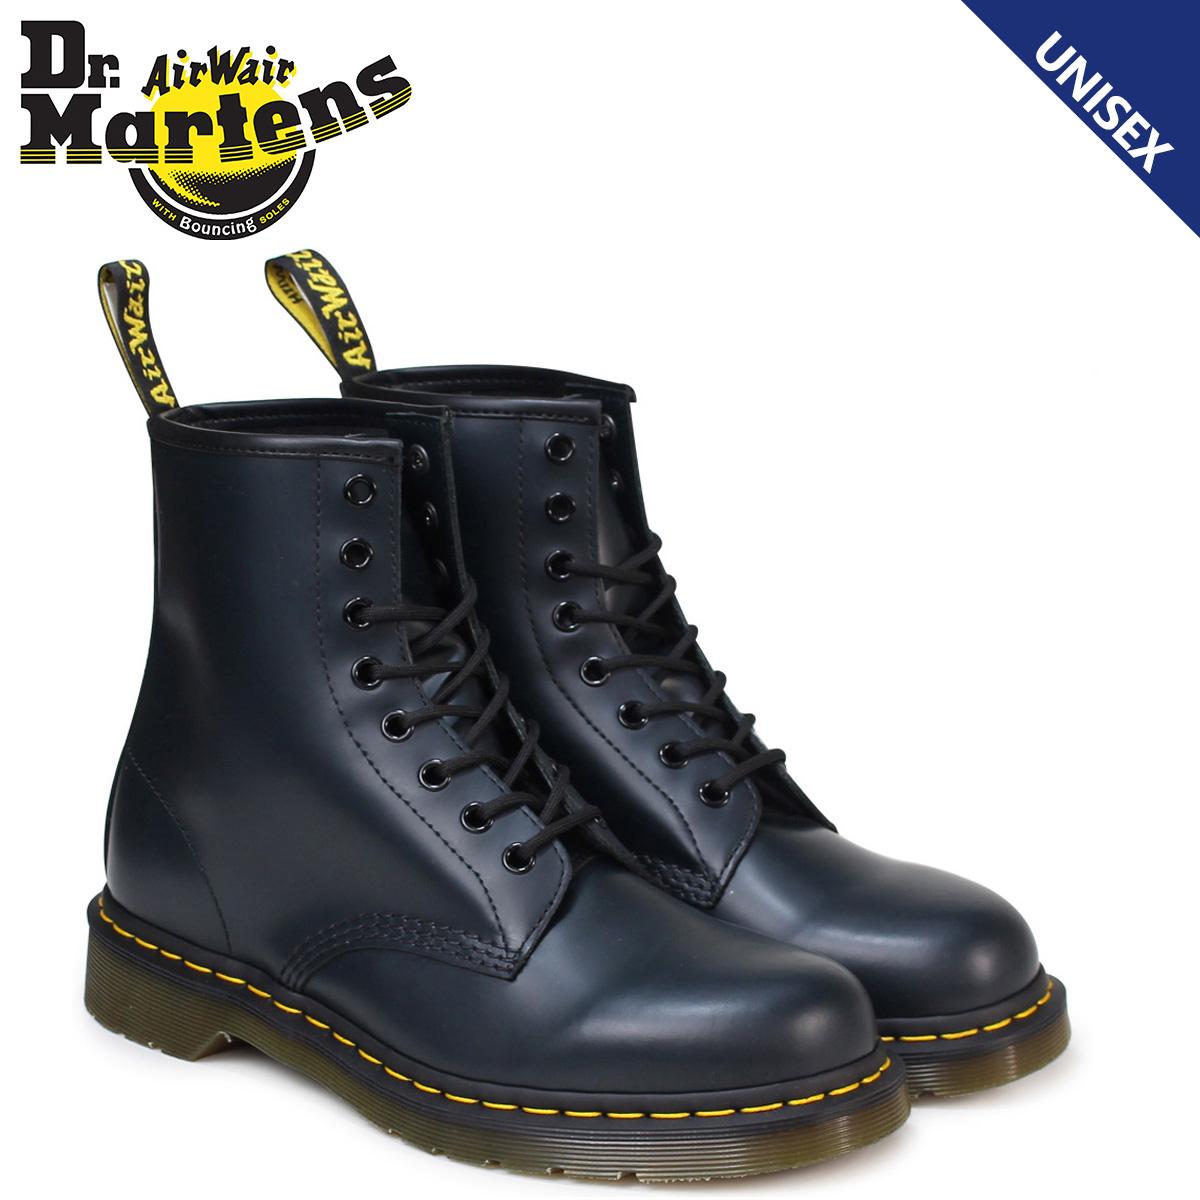 【最大2000円OFFクーポン配布】 Dr.Martens ドクターマーチン 1460 8ホール ブーツ 8 EYE BOOT R10072410 メンズ レディース